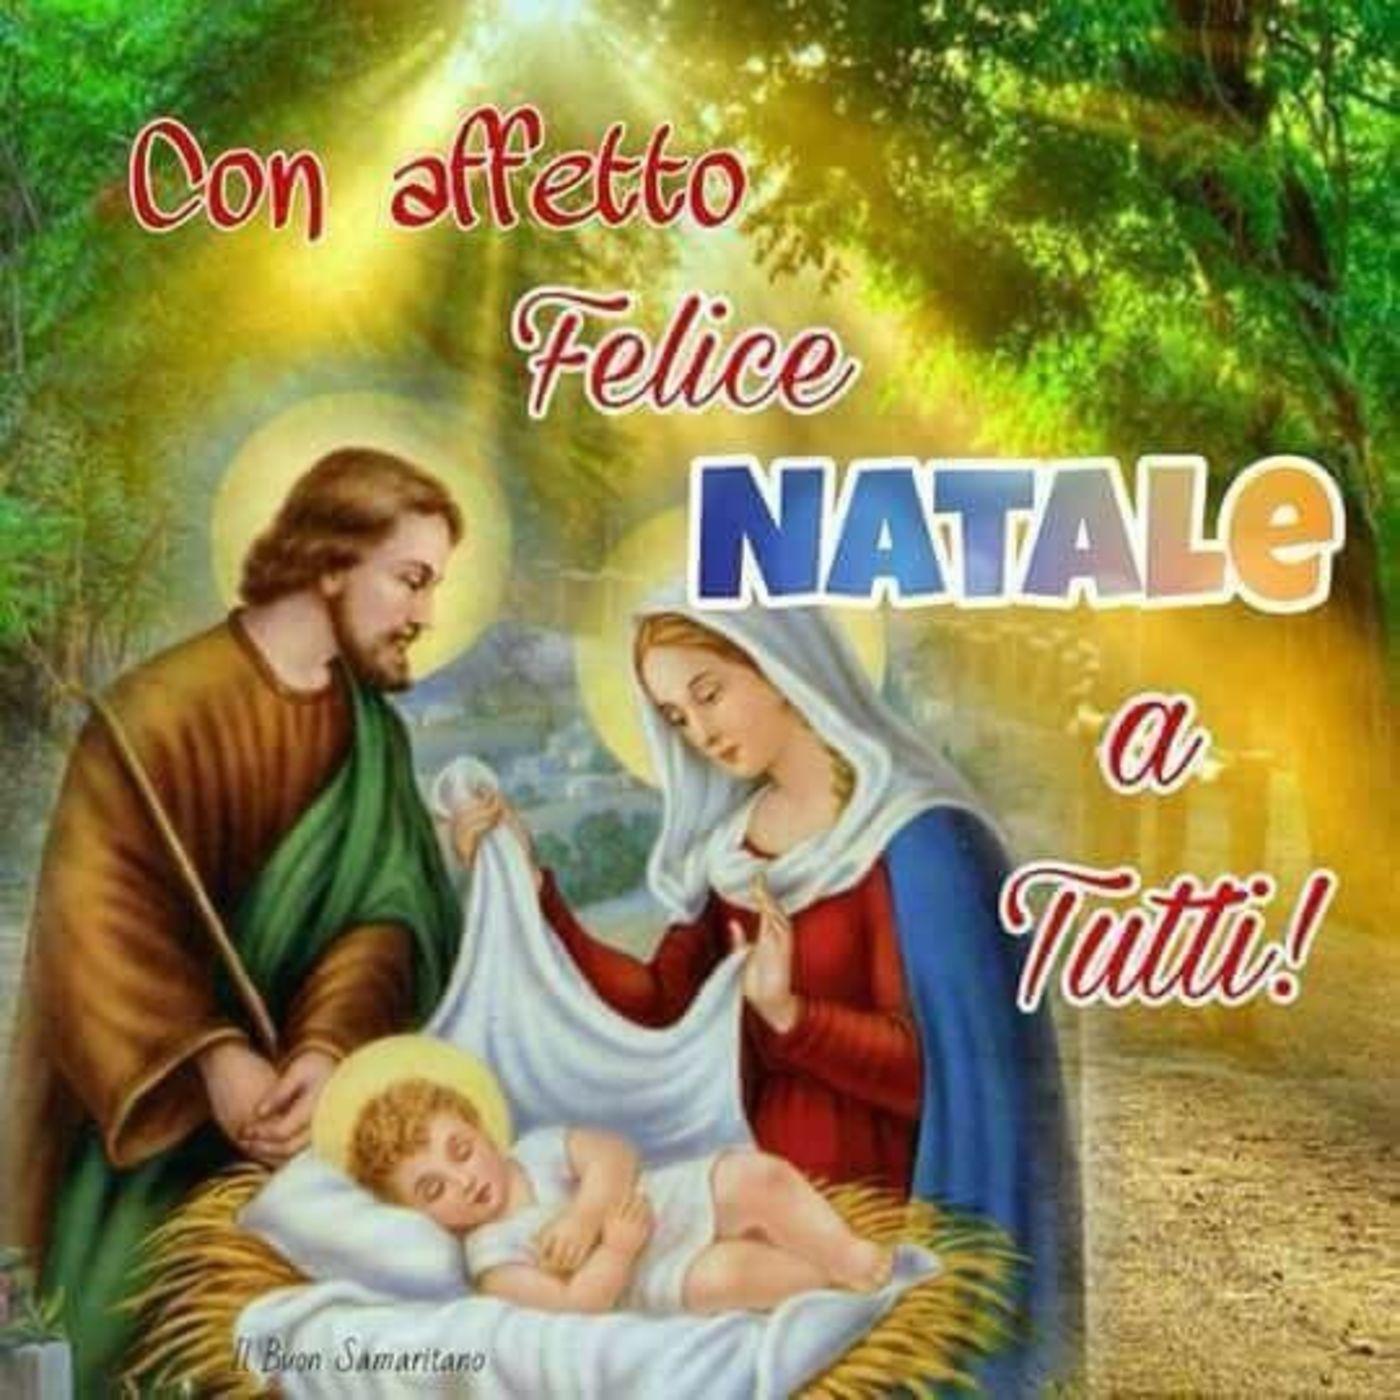 Immagini Natalizie Religiose.Buon Natale Religioso Auguri Di Buon Natale Natale Buon